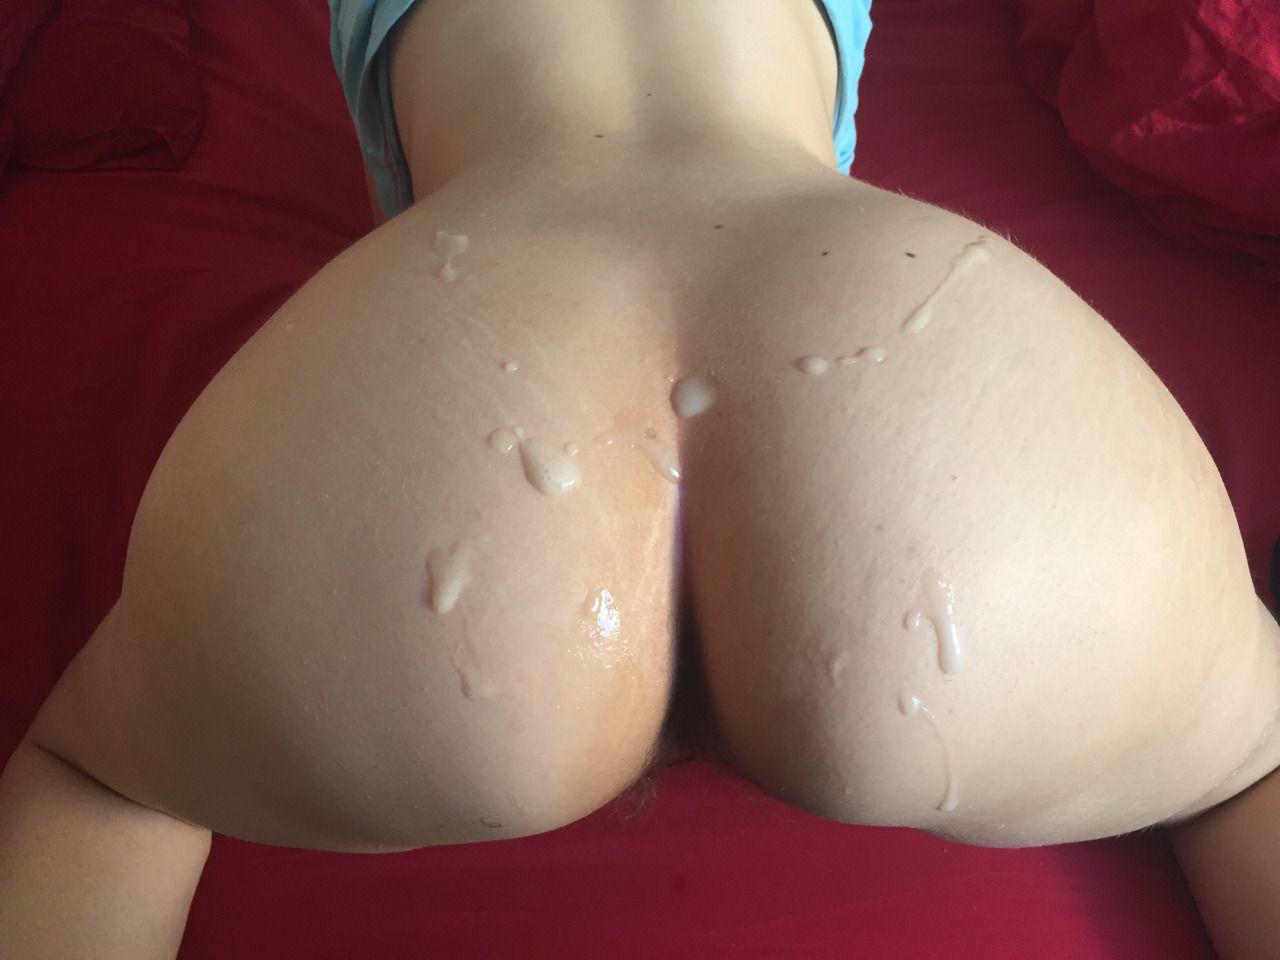 Частное фото сперма в попке, Порно фото голых попок в сперме - Частное порно фото 25 фотография